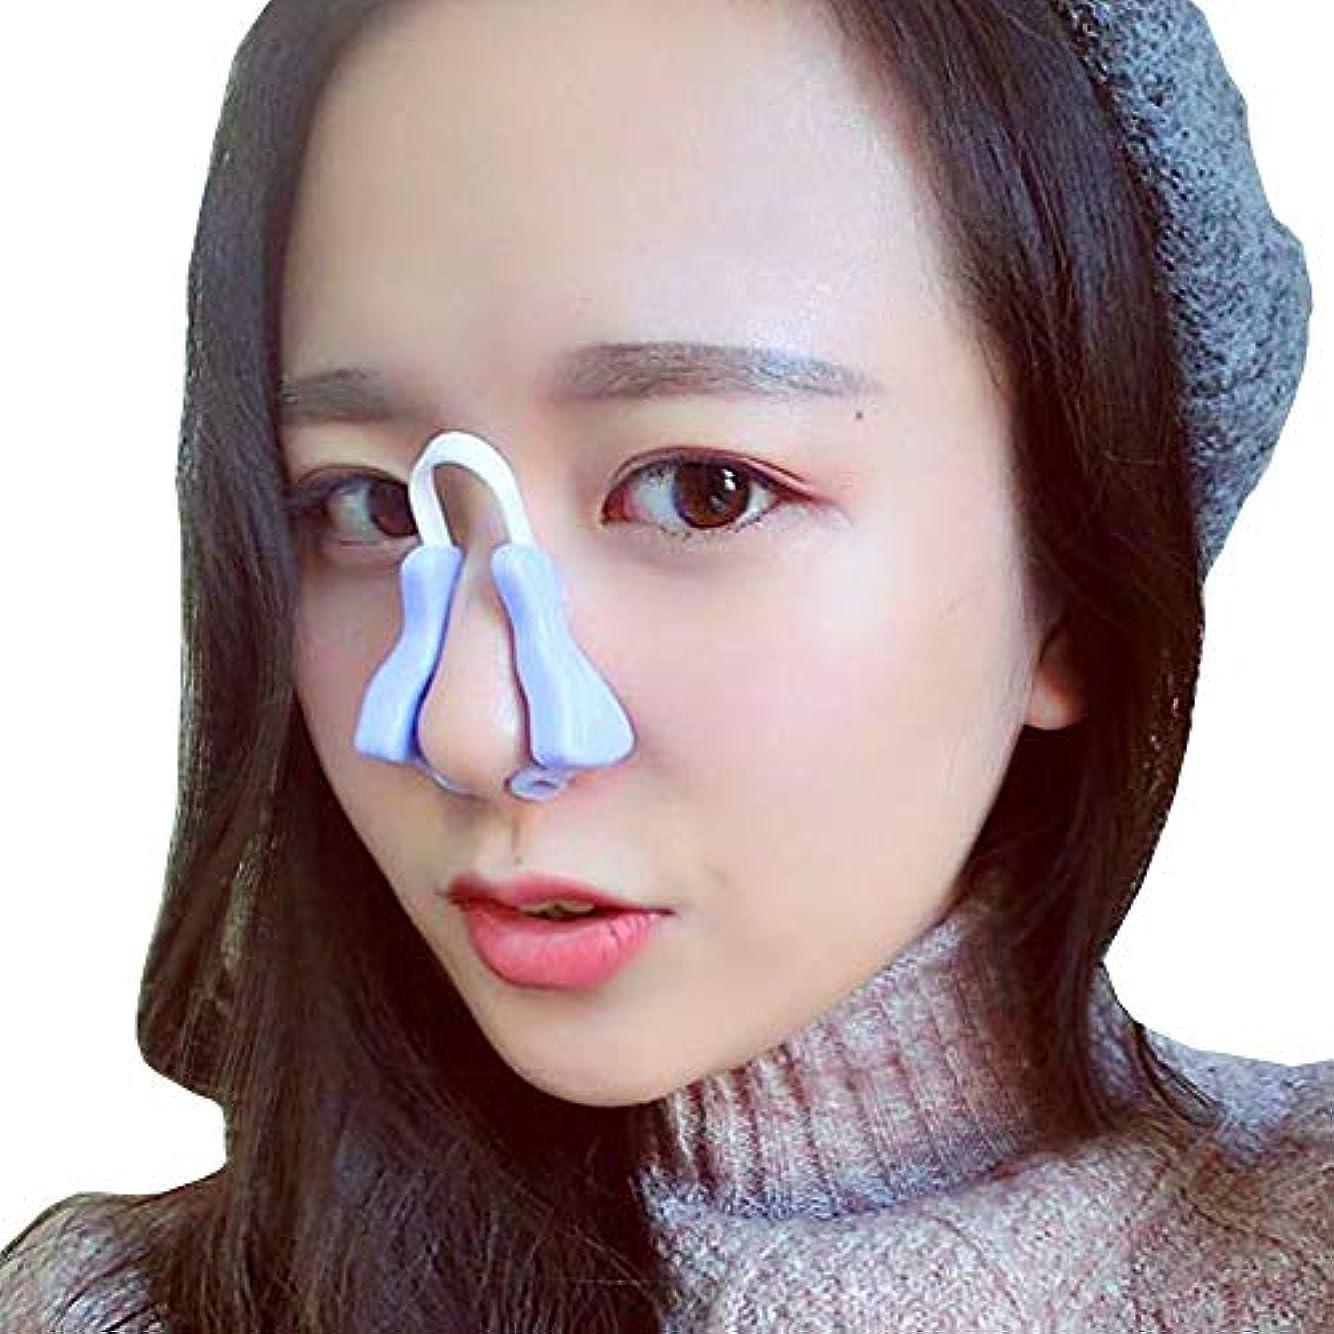 悪性腫瘍助けになるとしてYOE(ヨイ) ノーズアップ 鼻プチ 鼻筋ビューティー ノーズクリップ 美鼻でナイト プチ整形 鼻 矯正 ノーズピン (フリーサイズ, パープル)